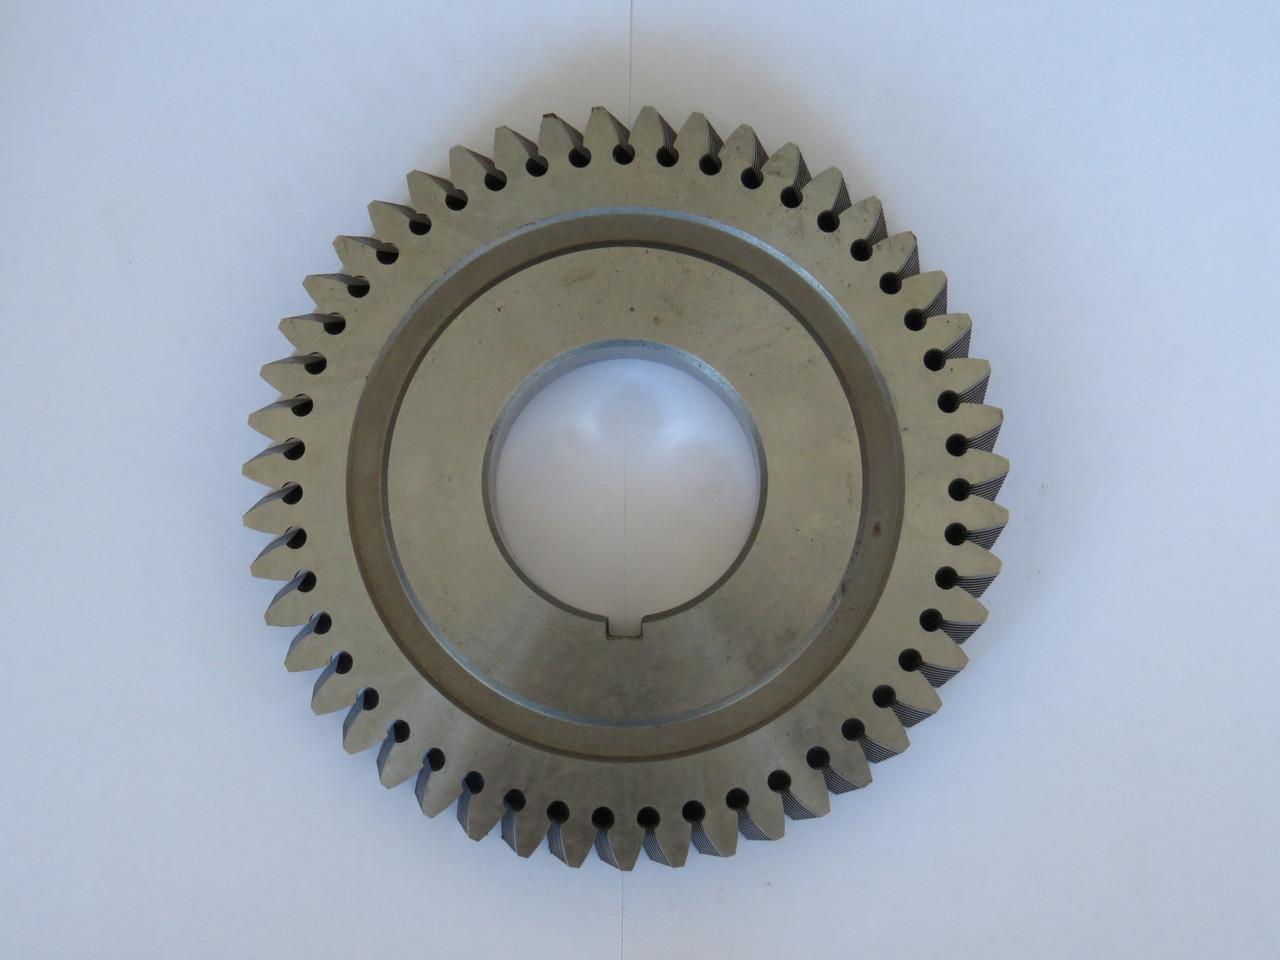 Шевер дисковий М4.0 Ø180 Z-41 градус 20* β15* Тип А Р6М5Ф3НП ГОСТ8570-80